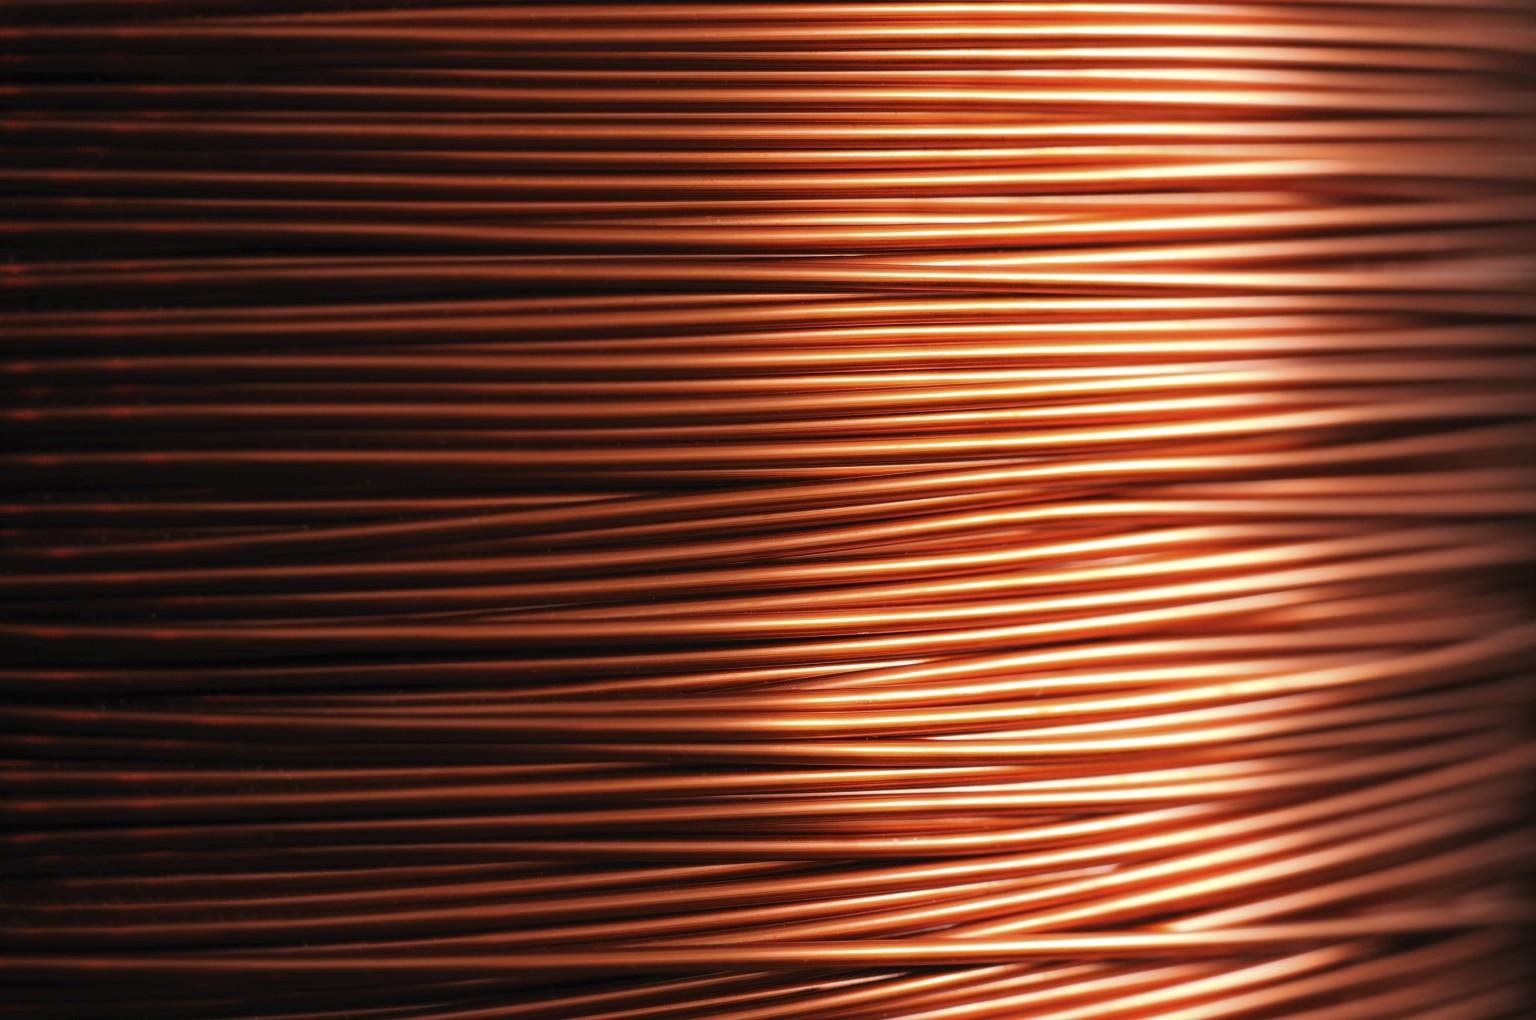 1536x1020 Precimax Metal Wire Drawing